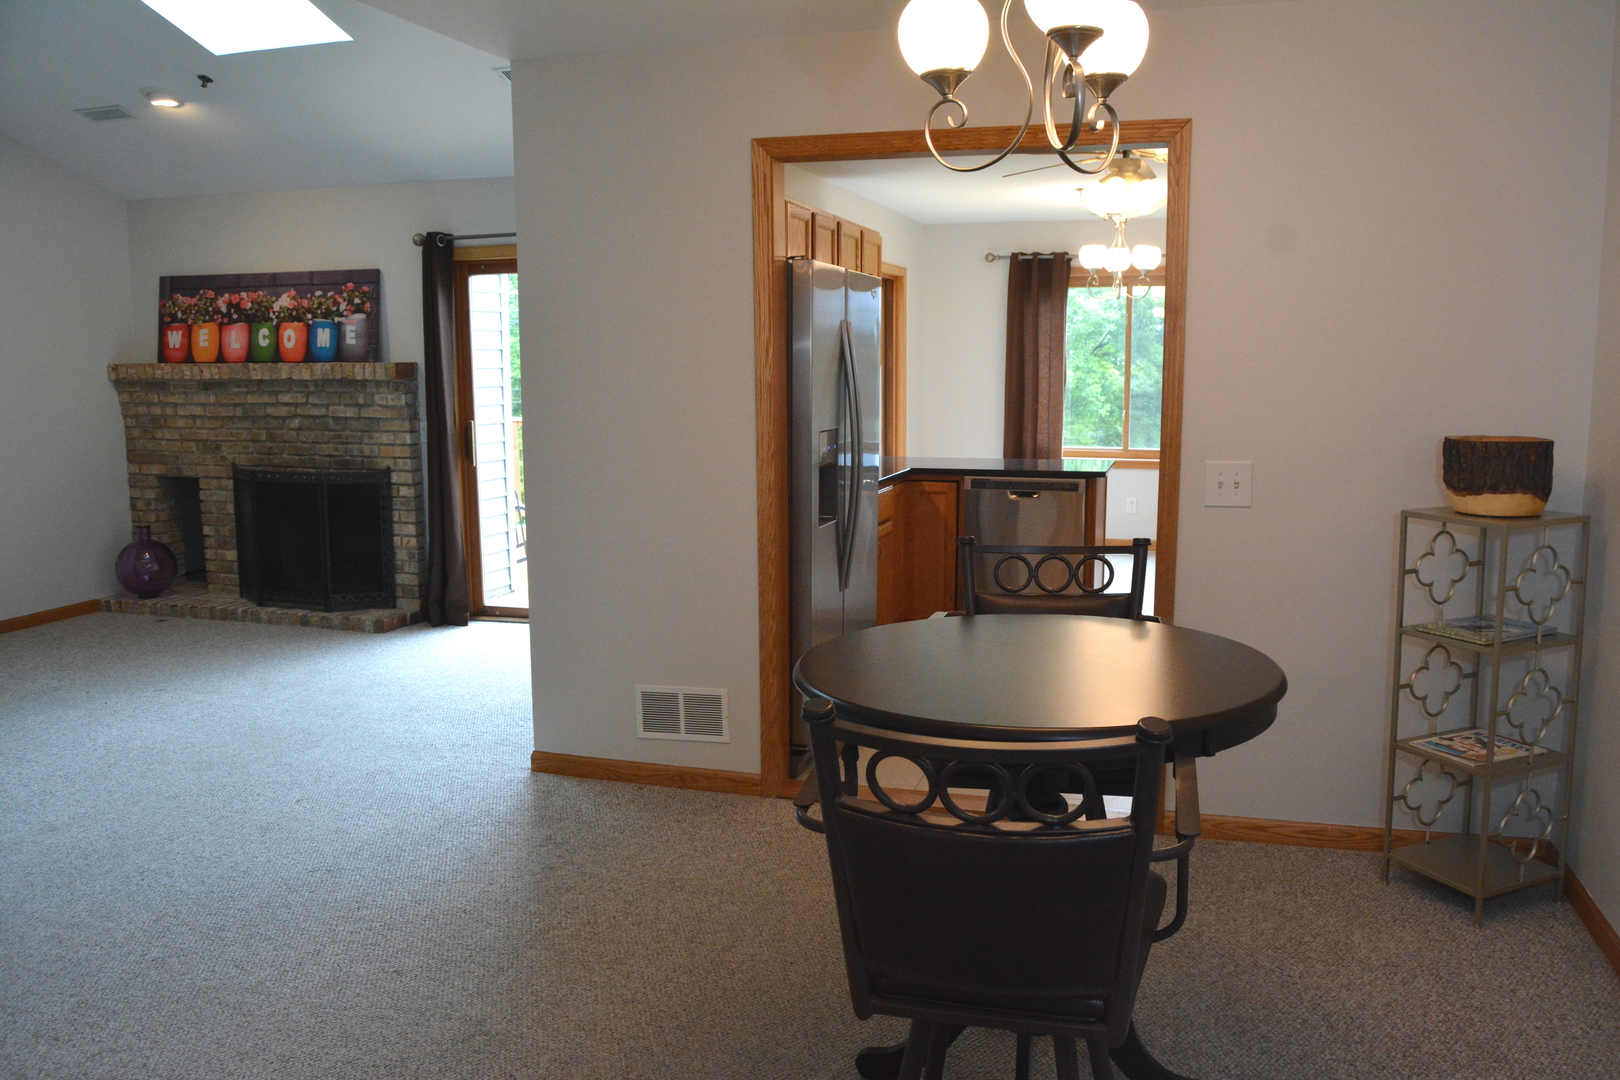 908 Thornwood 908, ST. CHARLES, Illinois, 60174